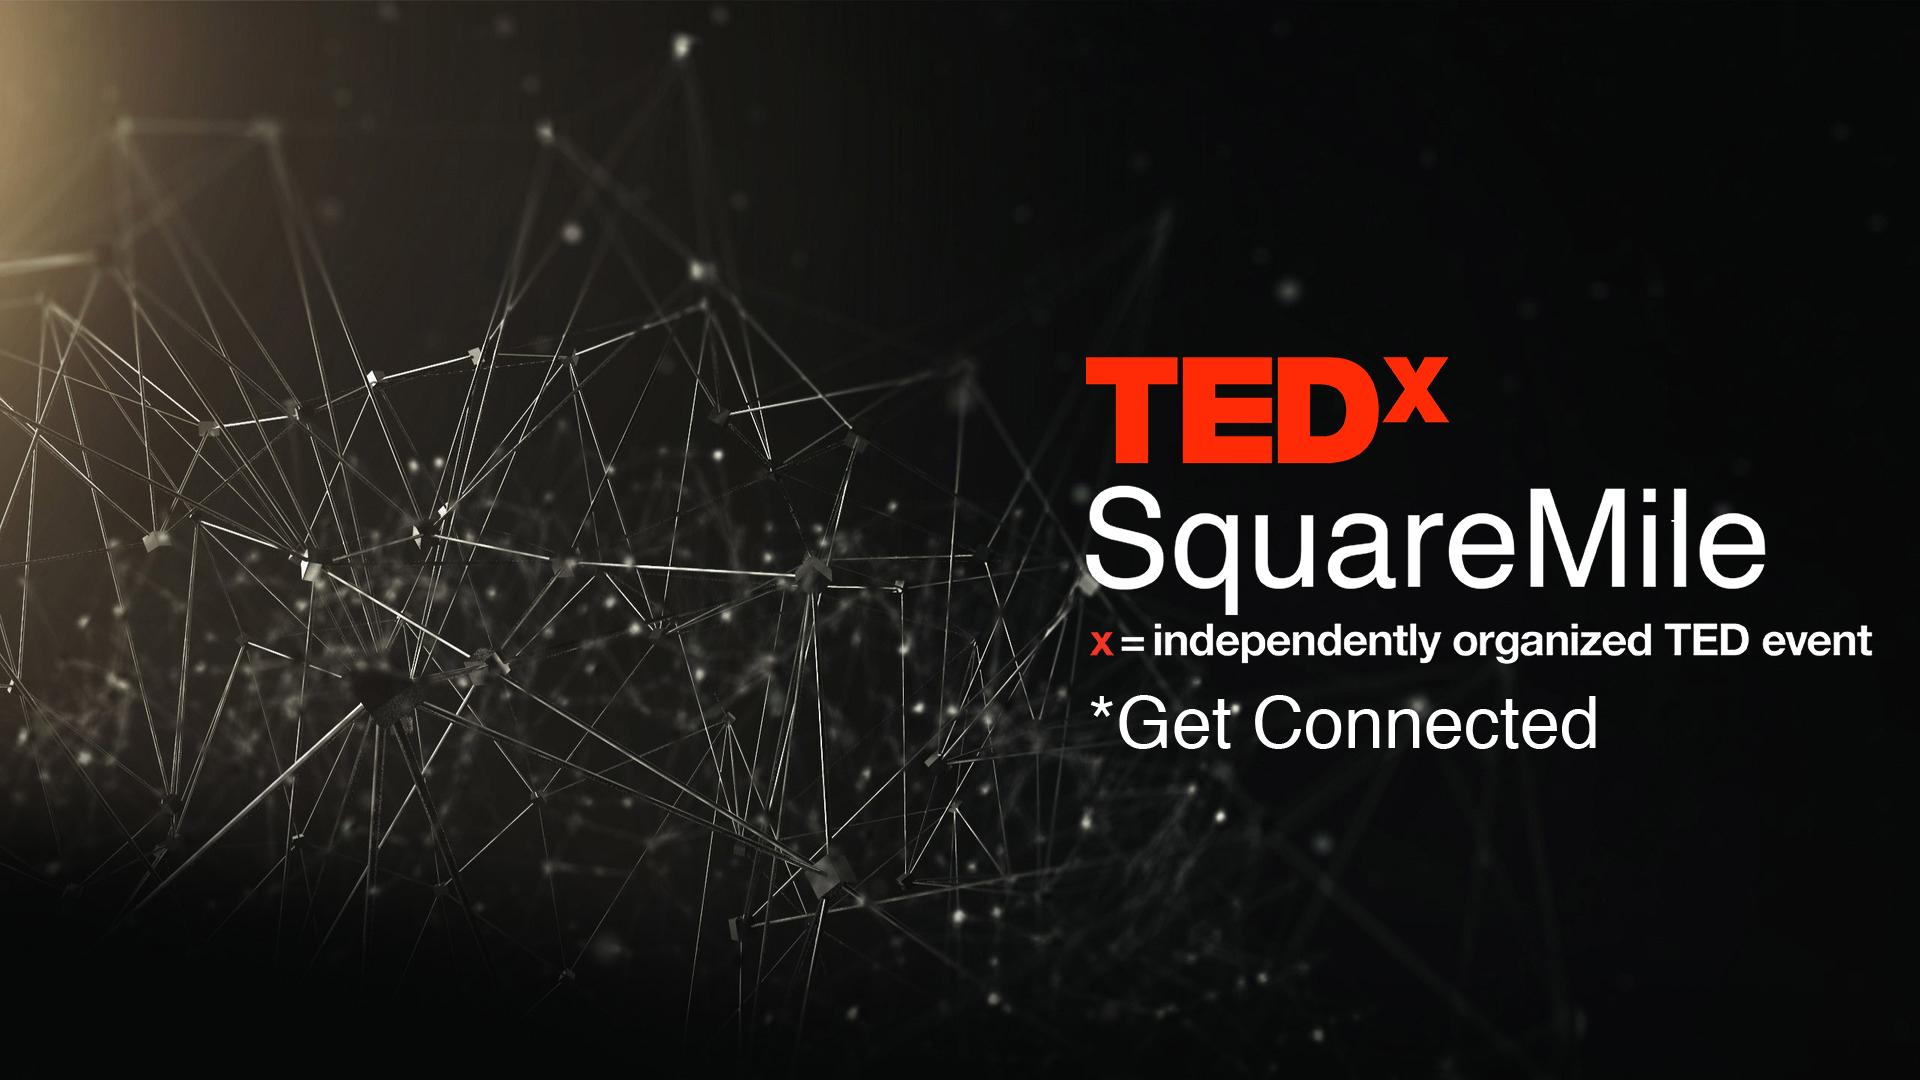 TEDX SquareMile2015